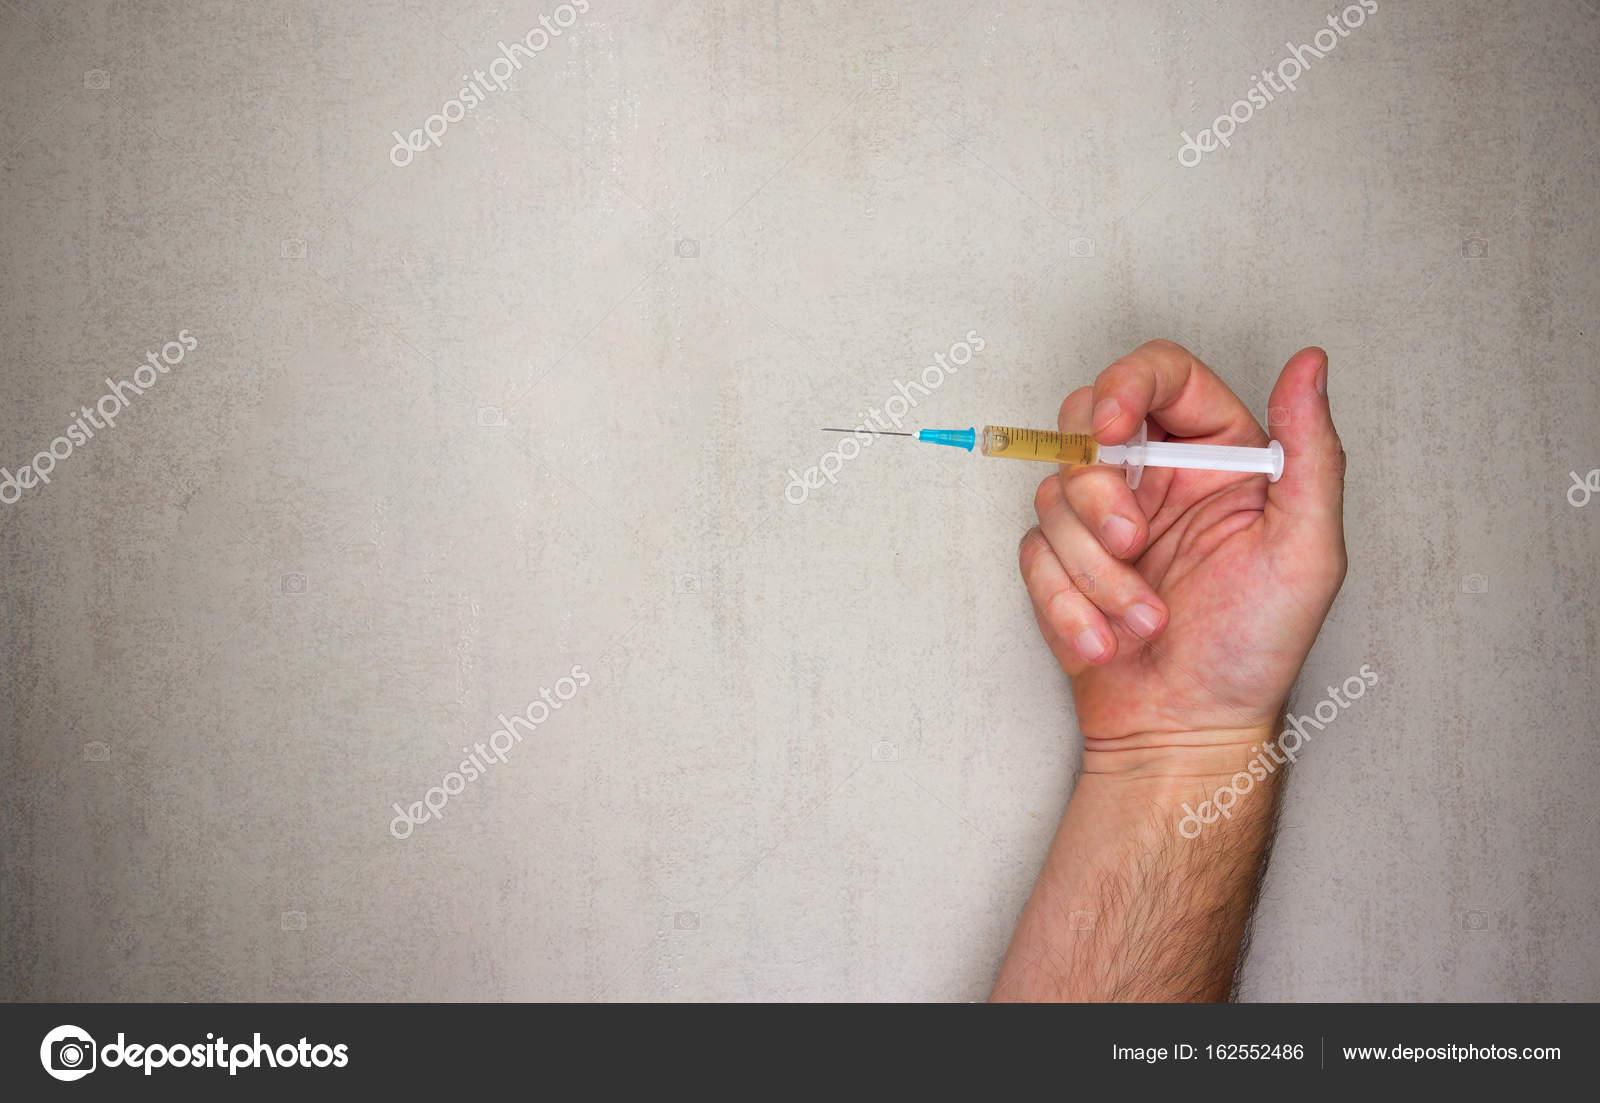 Mano Masculina Con Jeringas Desechables Para Inyección Sobre